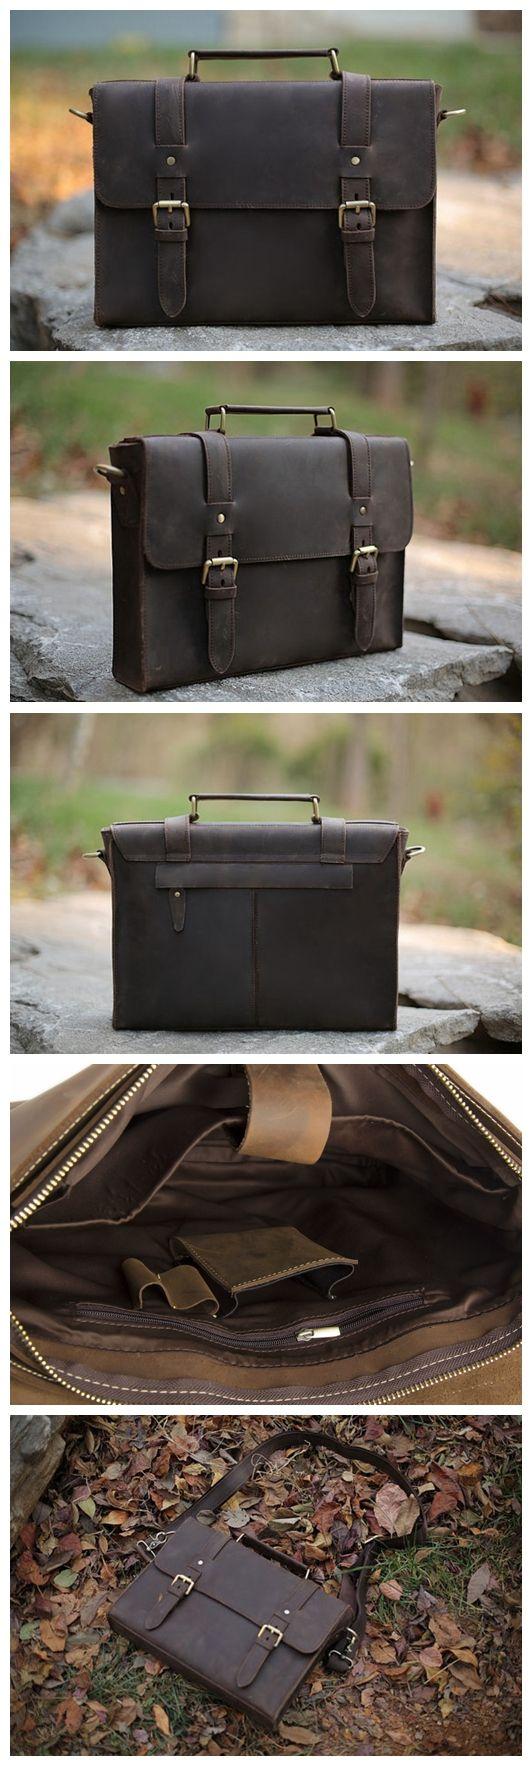 """Vintage Style Leather Briefcase Messenger Bag Satchel Bag Crossbody Shoulder Bag Model Number: 12007 Dimensions: 13.4""""L x 1.9""""W x 9.8""""H / 34cm(L) x 5cm(W) x 25cm(H) Weight: 2.2lb / 1.0kg Hardware: Bra"""